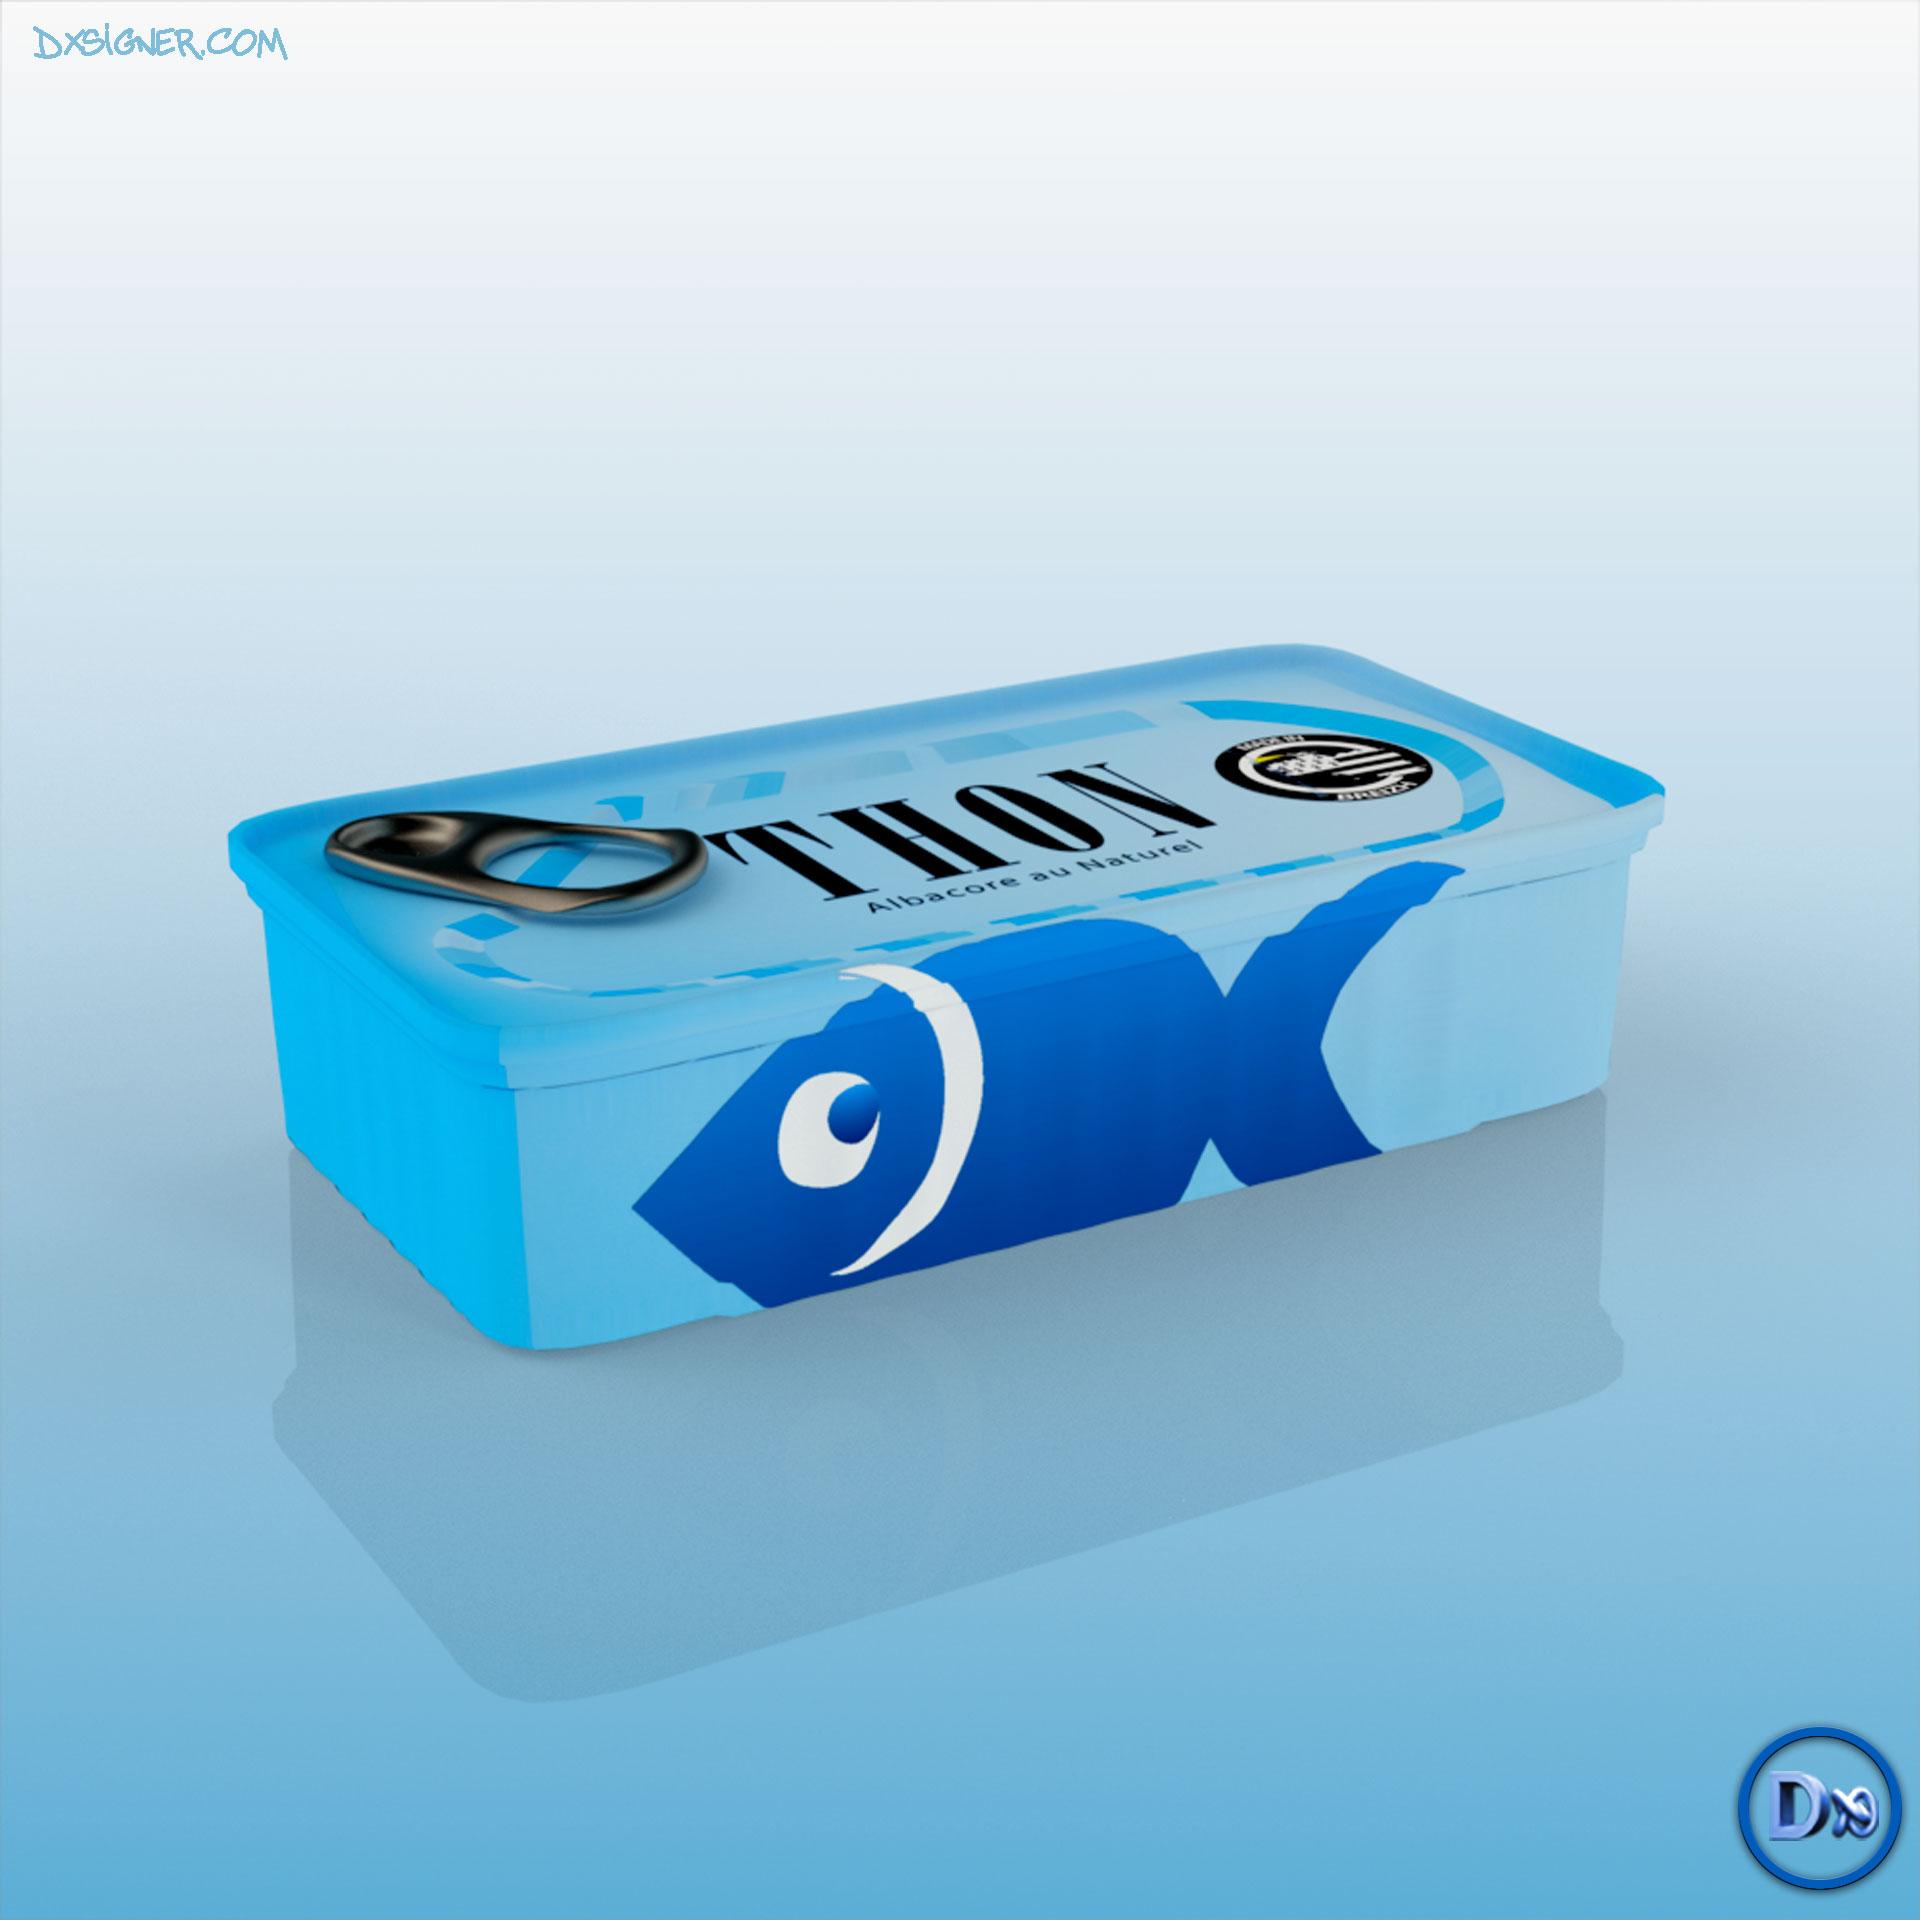 Dxsigner - Designer Consultant en Design produit, packaging, étiquettes, artisans, Visualisation 3D, création 3D de prototype produit entreprises | Bretagne, Finistère Brest, Quimper - - Boite de Thon, Sardine en Conserve -